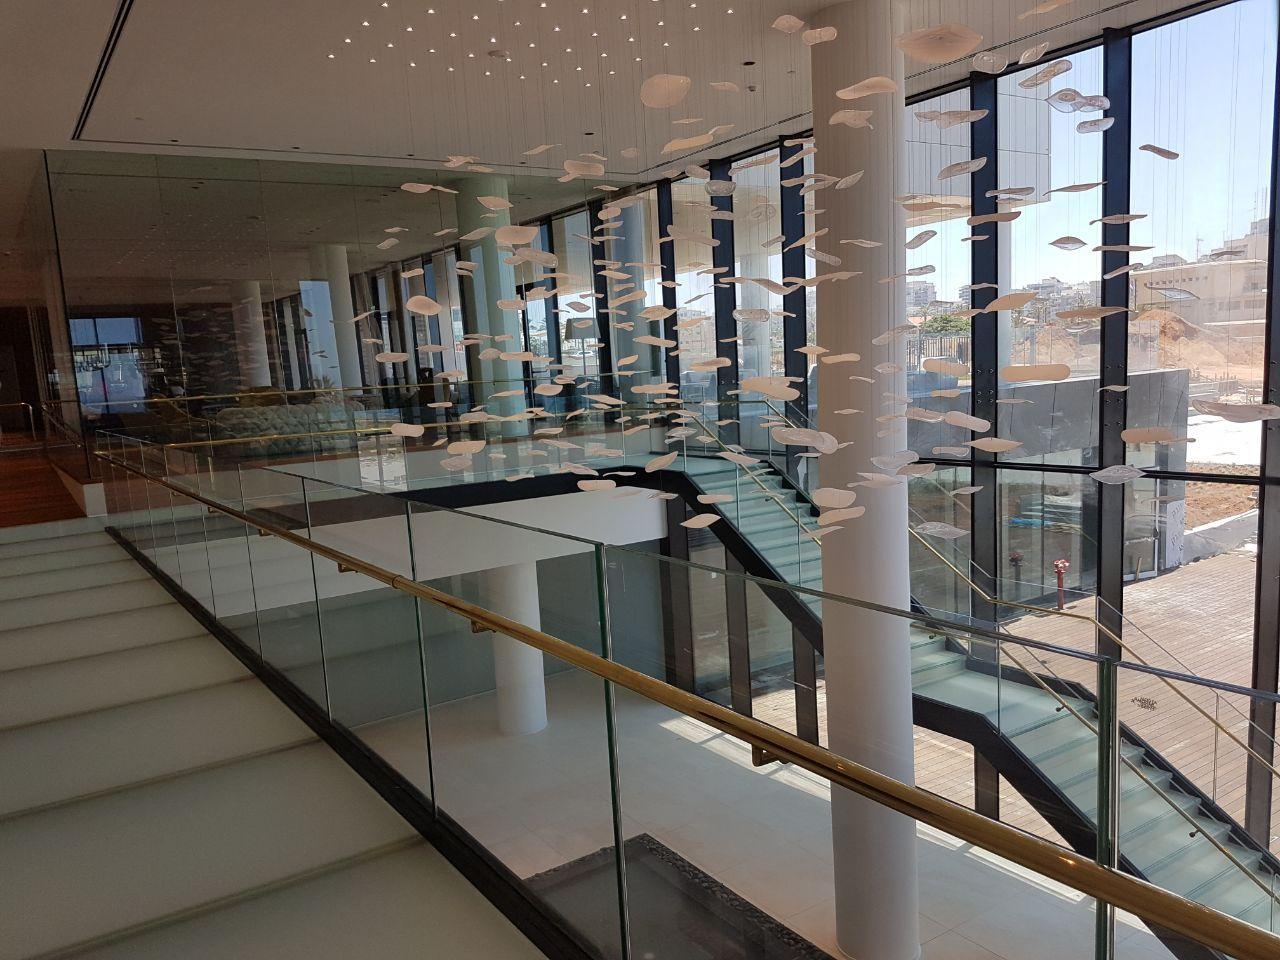 גרם מדרגות וגשר, מלון לגון, נתניה תמונה מספר 6